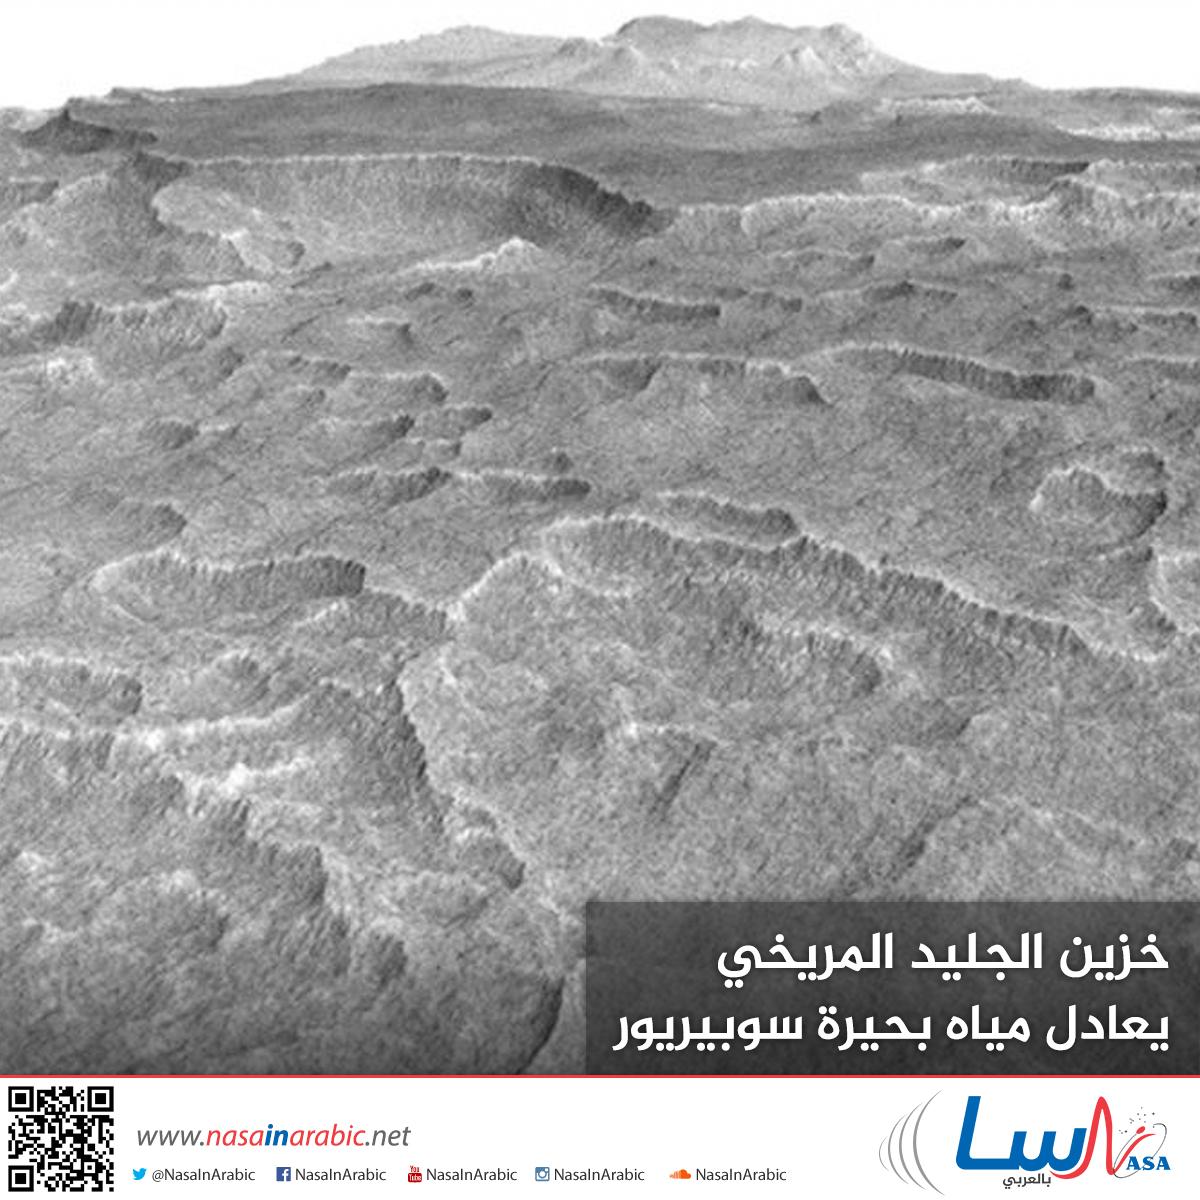 خزين الجليد المريخي يعادل مياه بحيرة سوبيريور